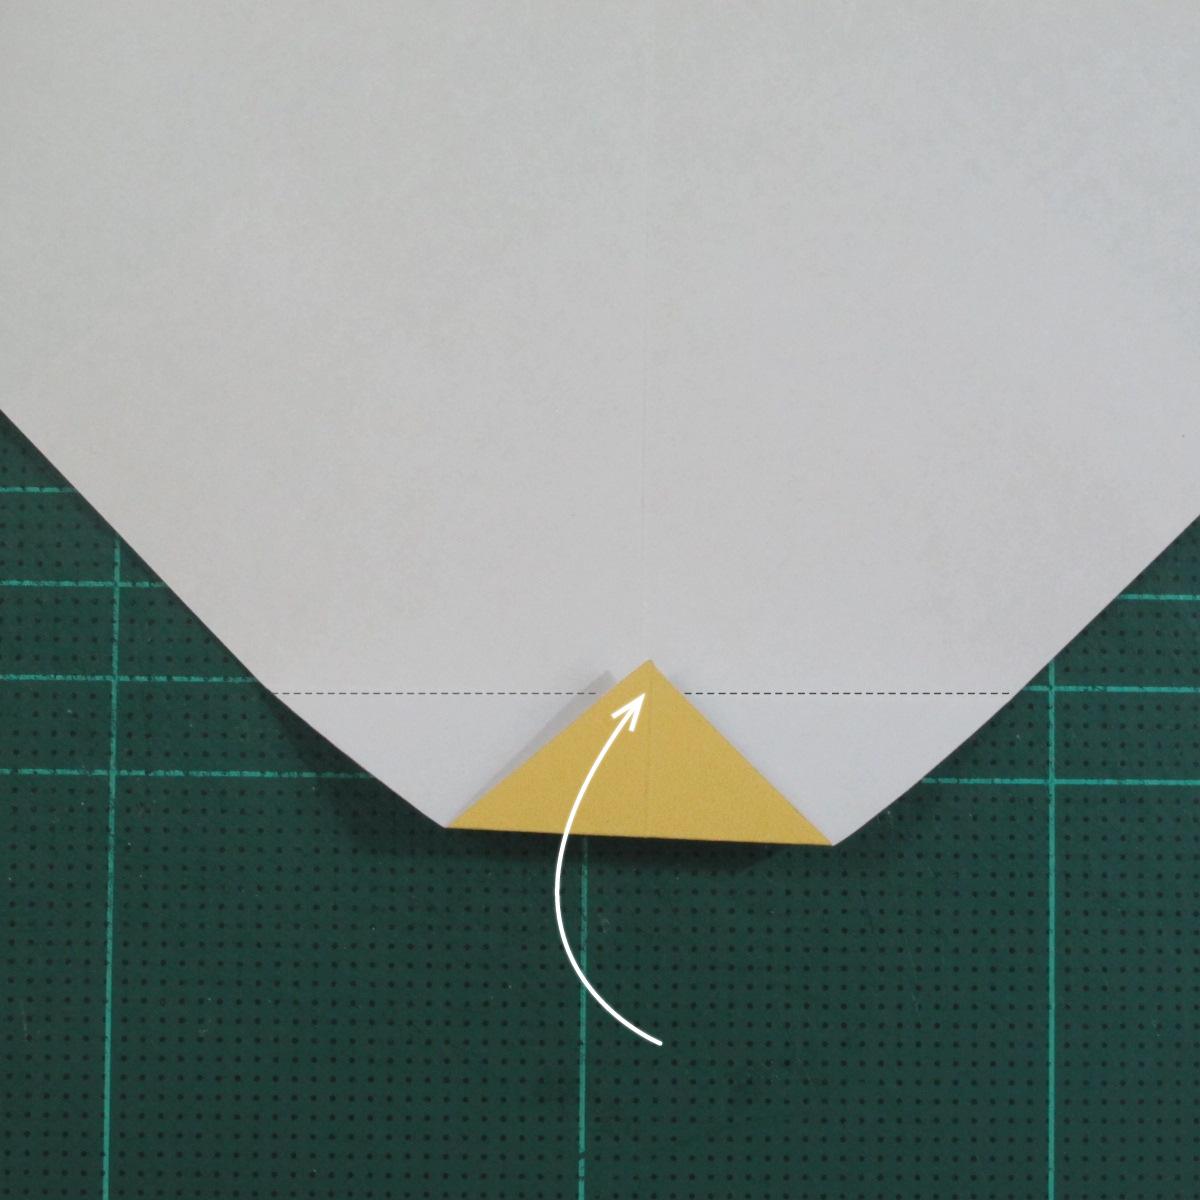 วิธีพับกระดาษเป็นรูปนกแก้ว (Origami Parrot) 004